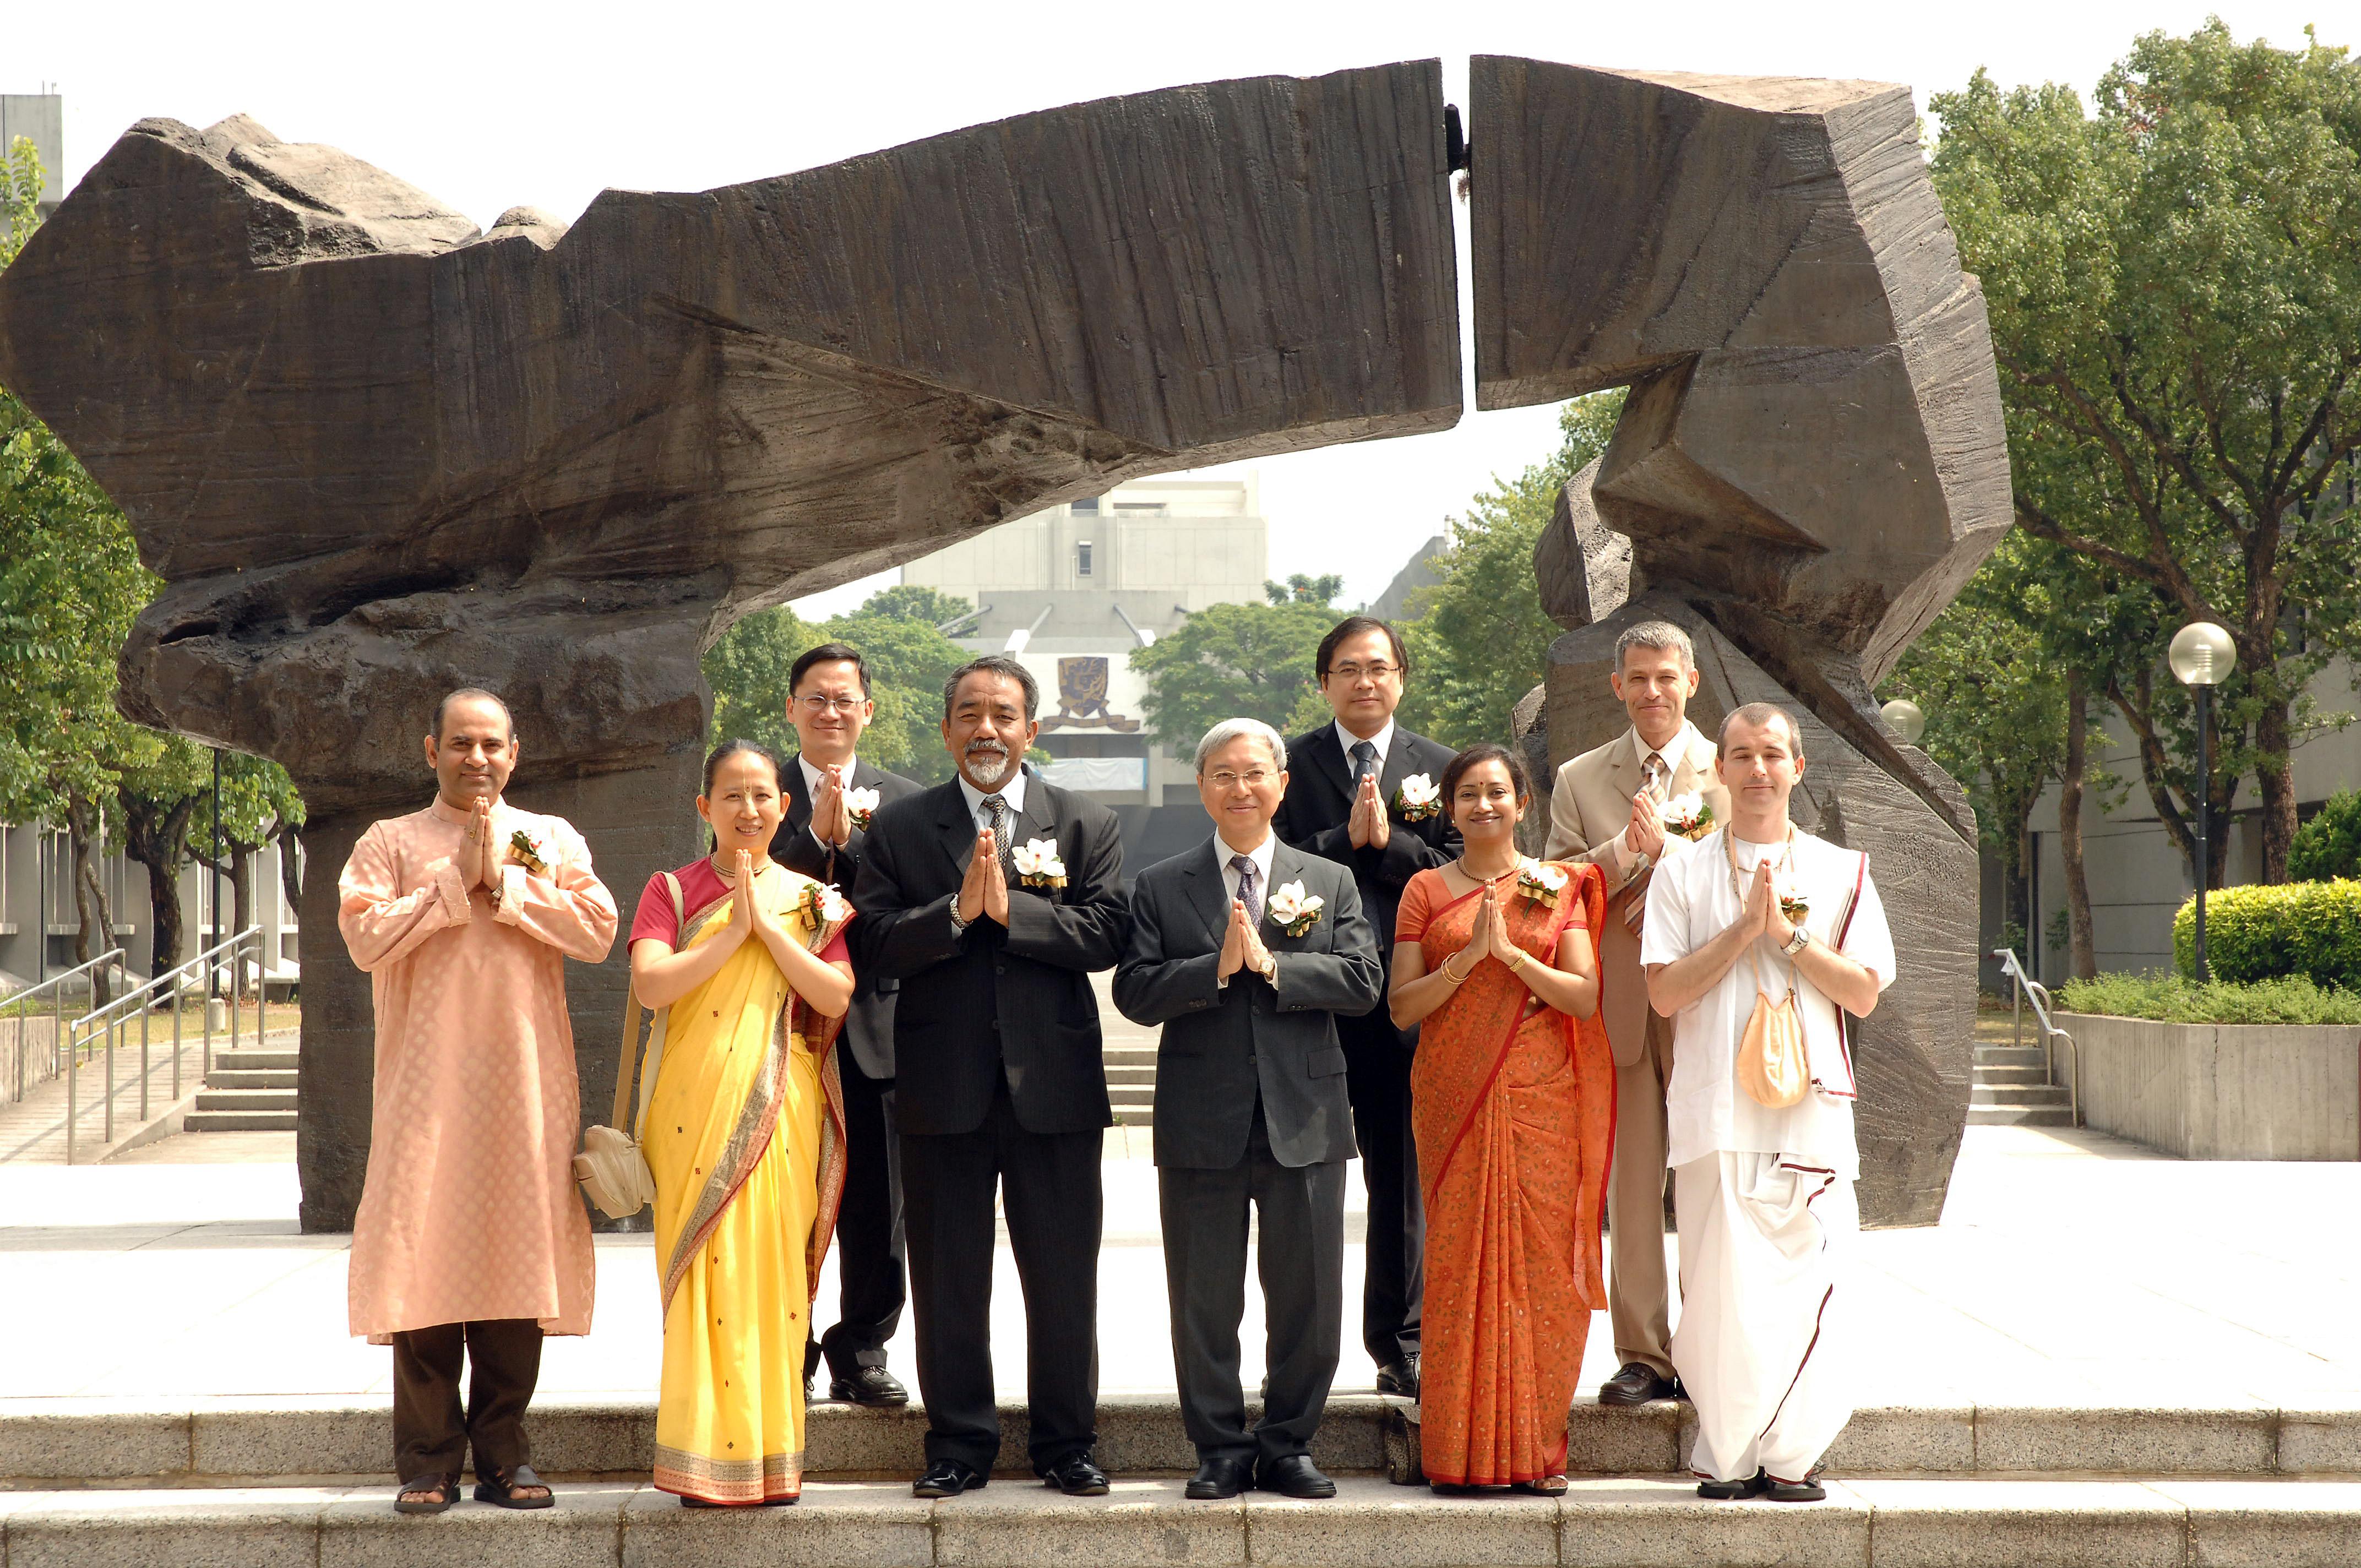 中大增设印度宗教与文化学专任教席,促进文化交流和缔建和谐社会。 左起:Bhaktivinod先生、Bhavatarini女士、谭伟伦教授、L. D. Ralte先生、廖柏伟教授、赖品超教授、Sri Radhika女士、Kenneth Valpey教授和Chandra先生